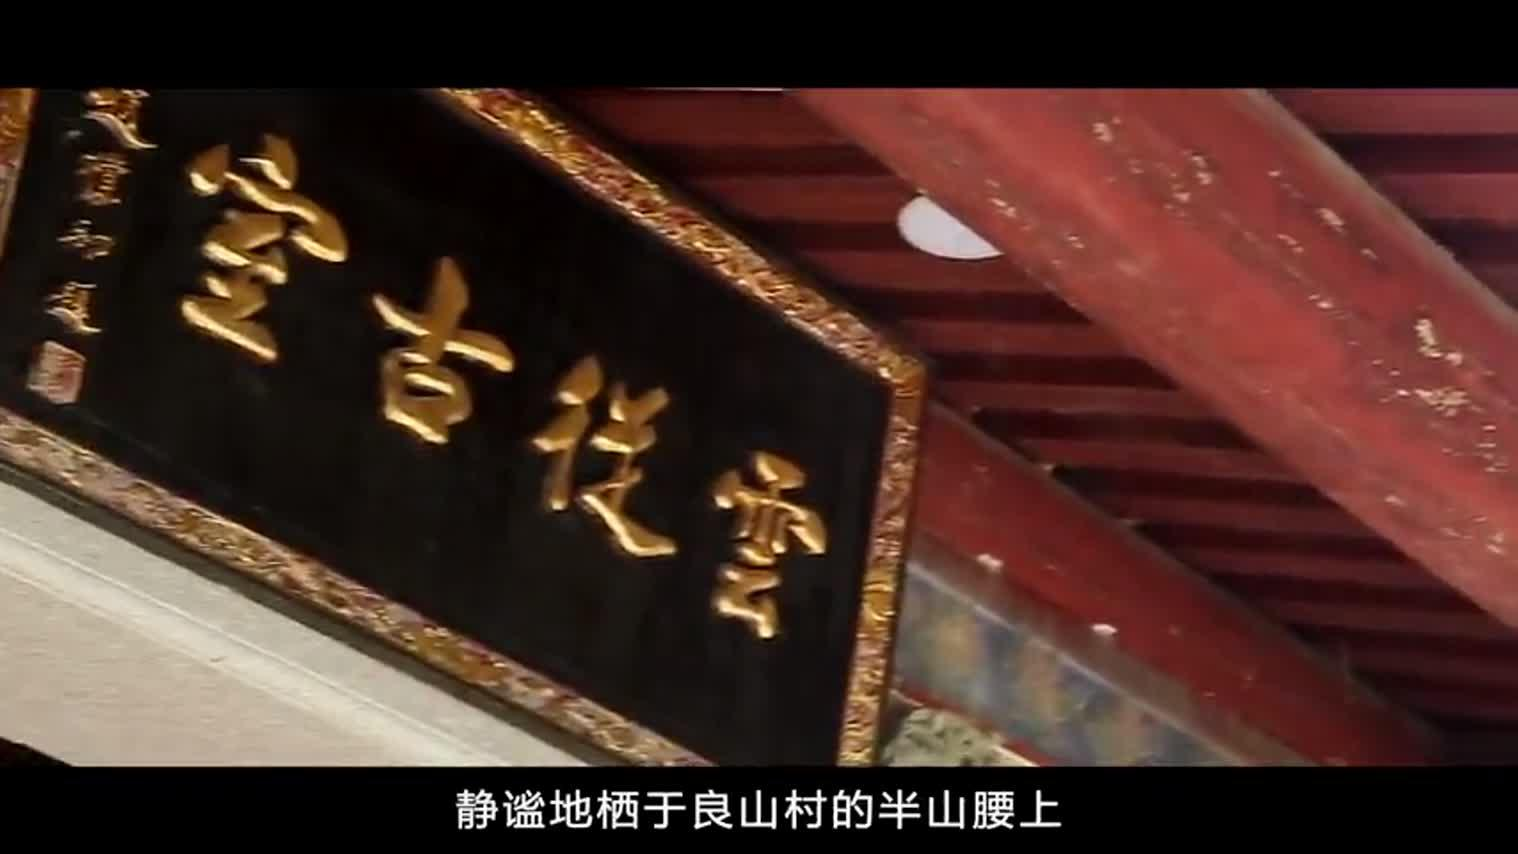 《多彩良山》宣传片上线!一起感受历史文化名村的魅力